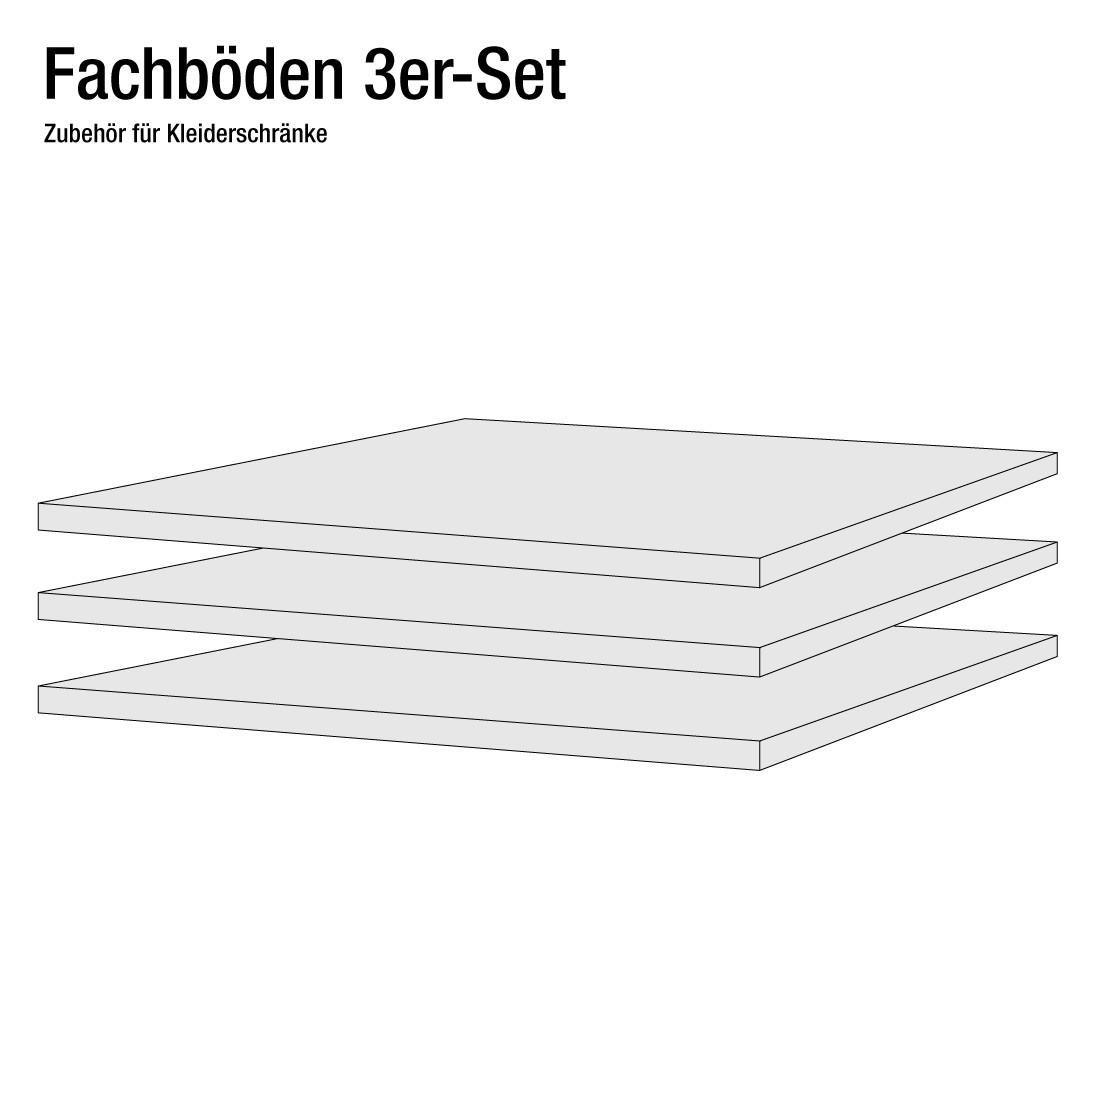 45er Fachboden (3er-Set), Wimex jetzt kaufen